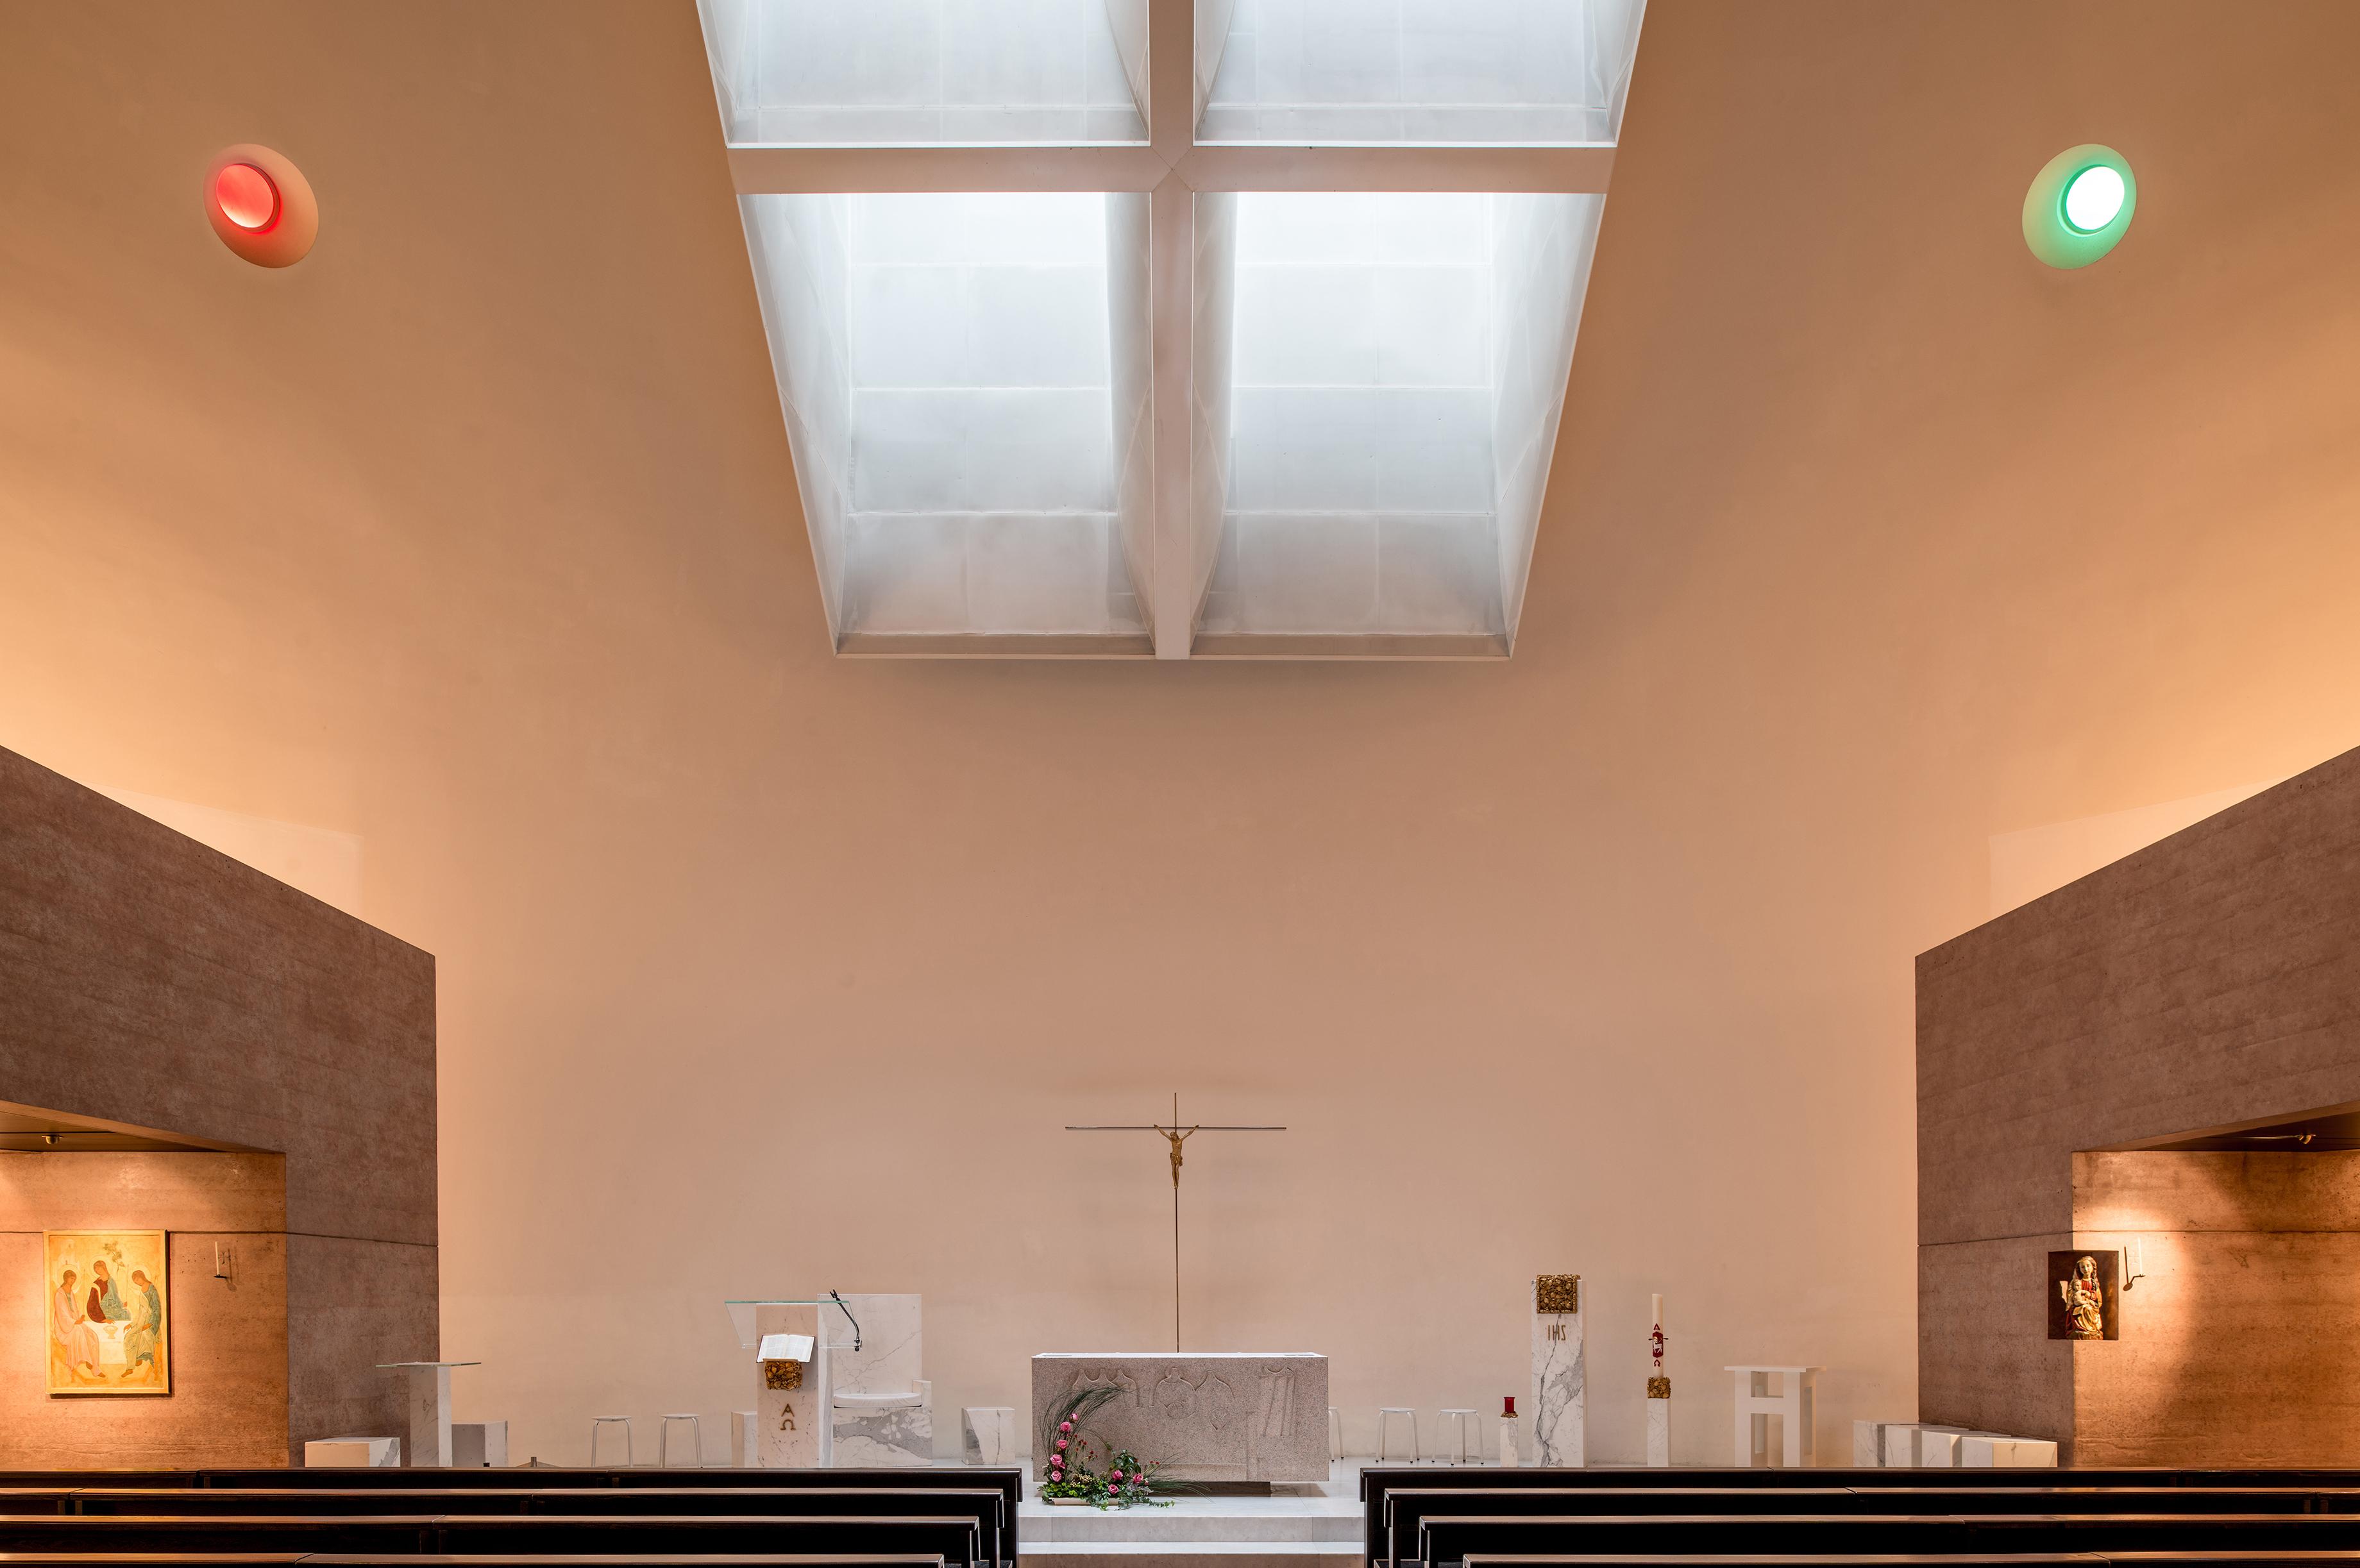 Eglise Ste Trinite interieur